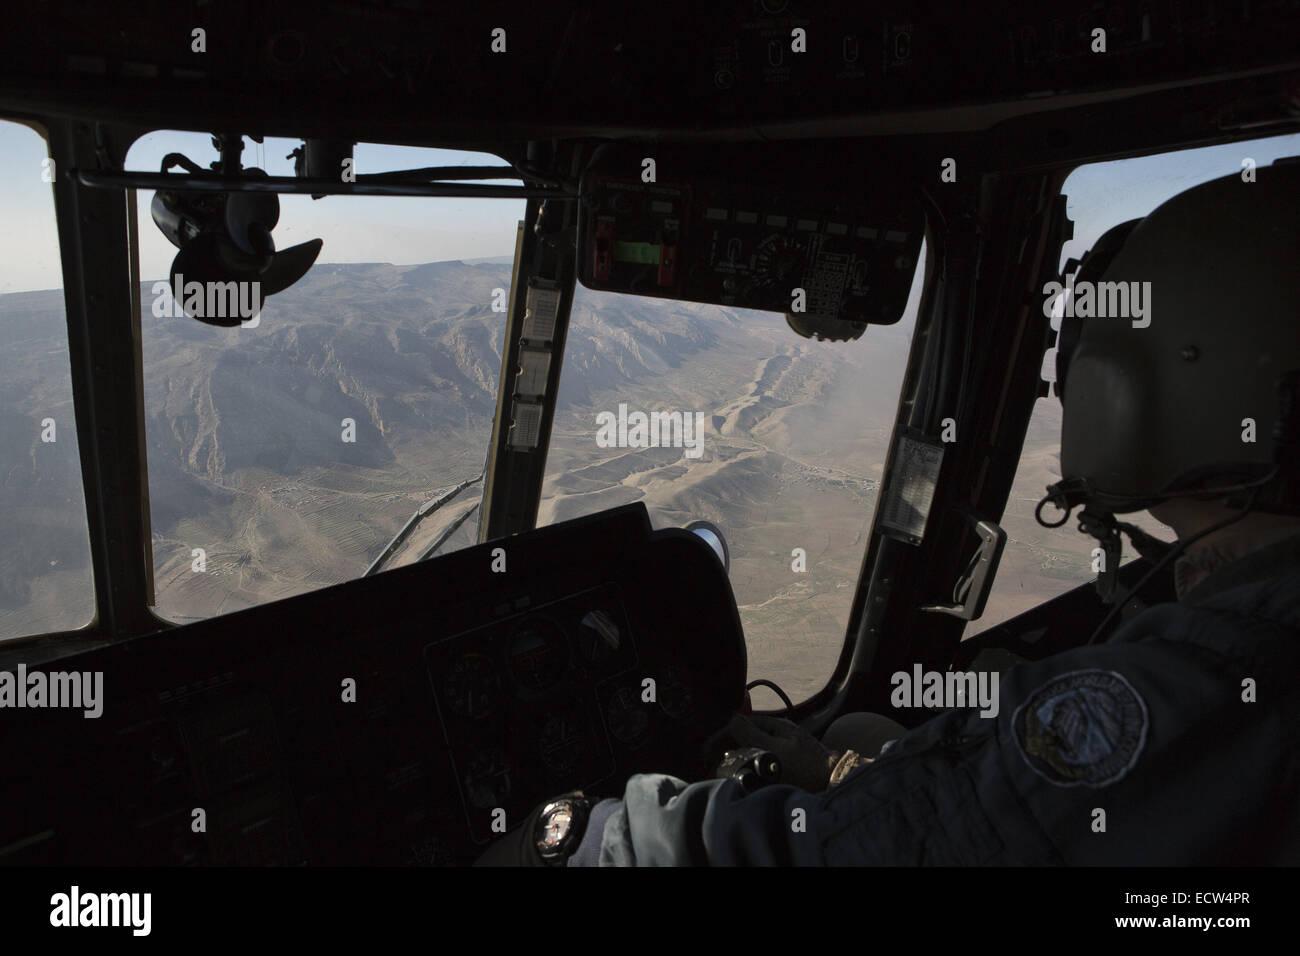 Dec. 11, 2014 - Sinjar Mountains, Iraqi-Kurdistan, Iraq - 11/12/2014. Sinjar Mountains, Iraq. Mount Sinjar is seen - Stock Image